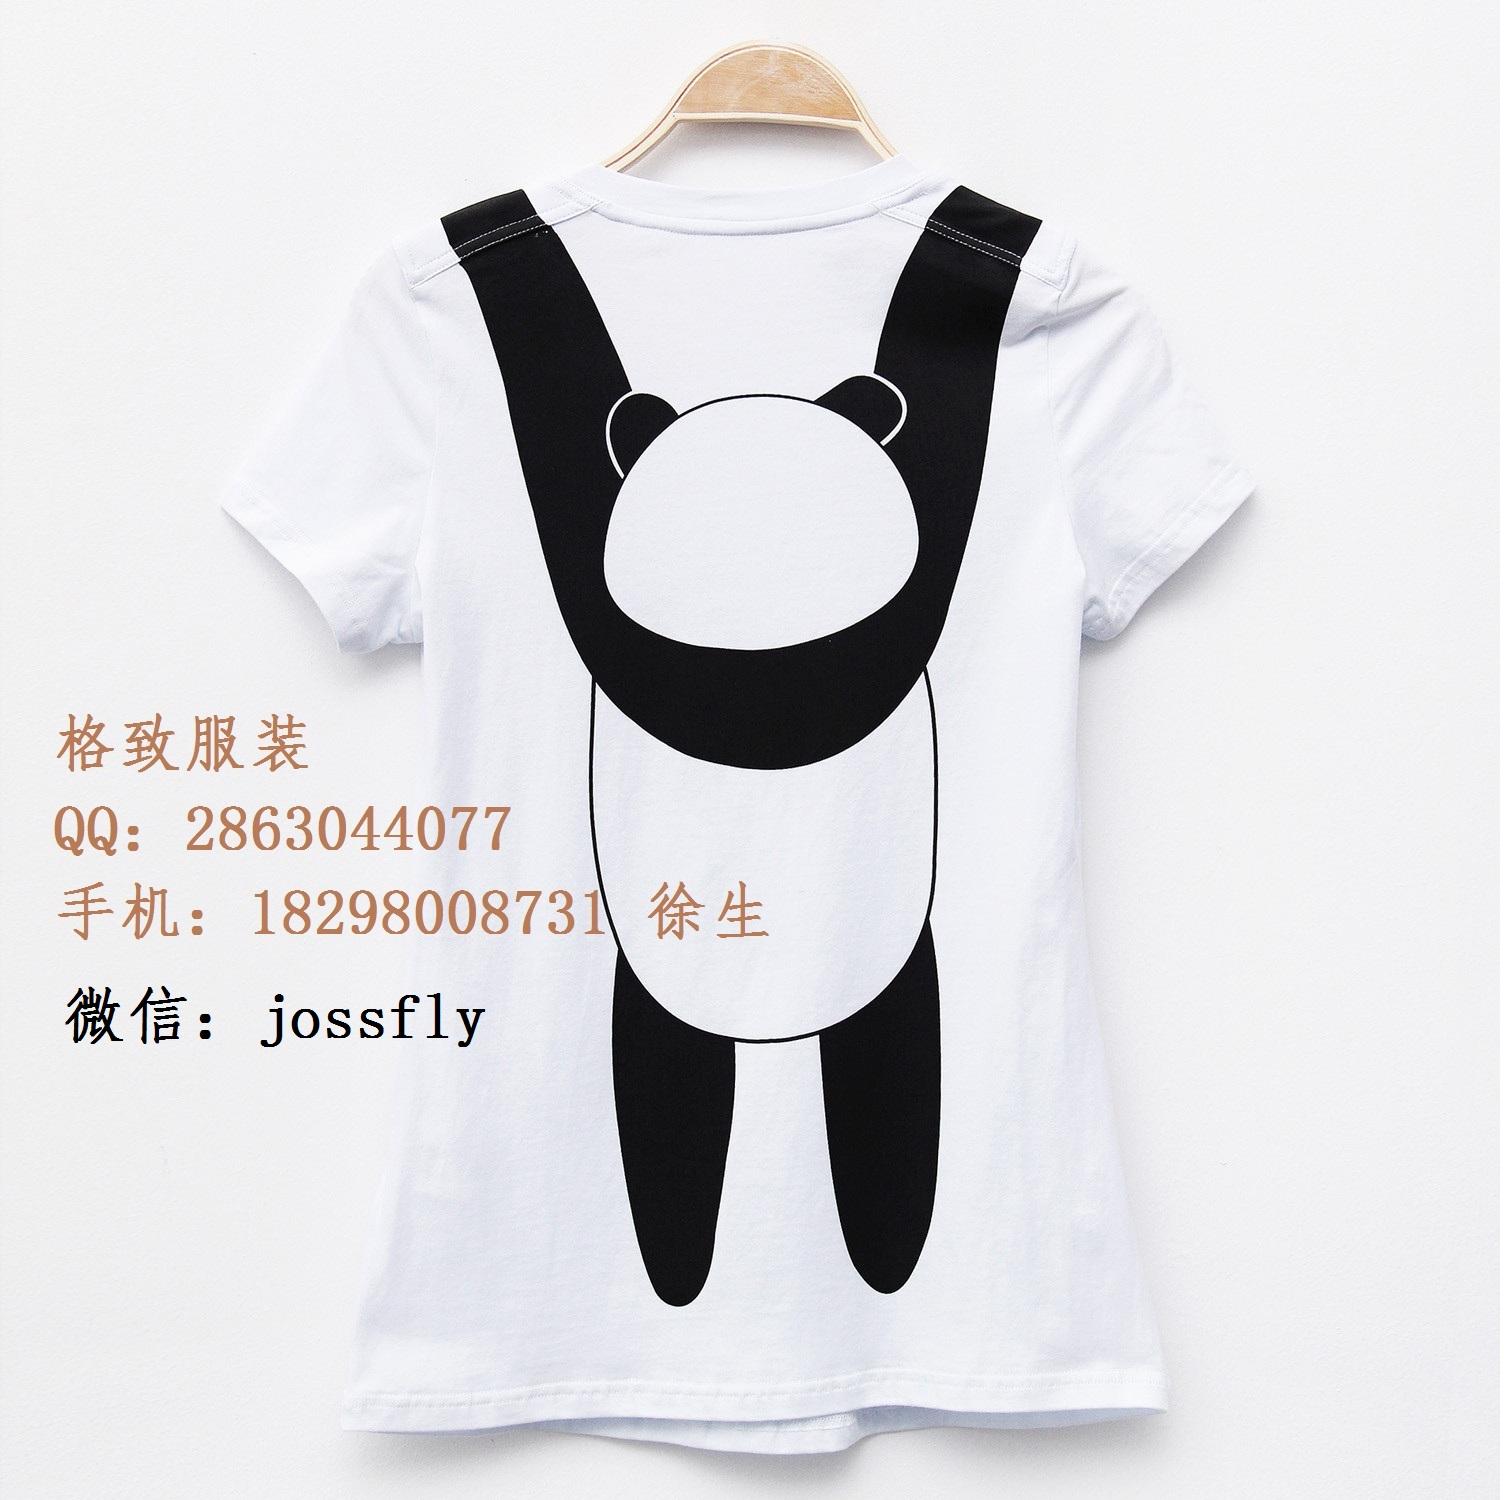 收購江浙滬皖地區的各類服裝庫存品牌尾貨